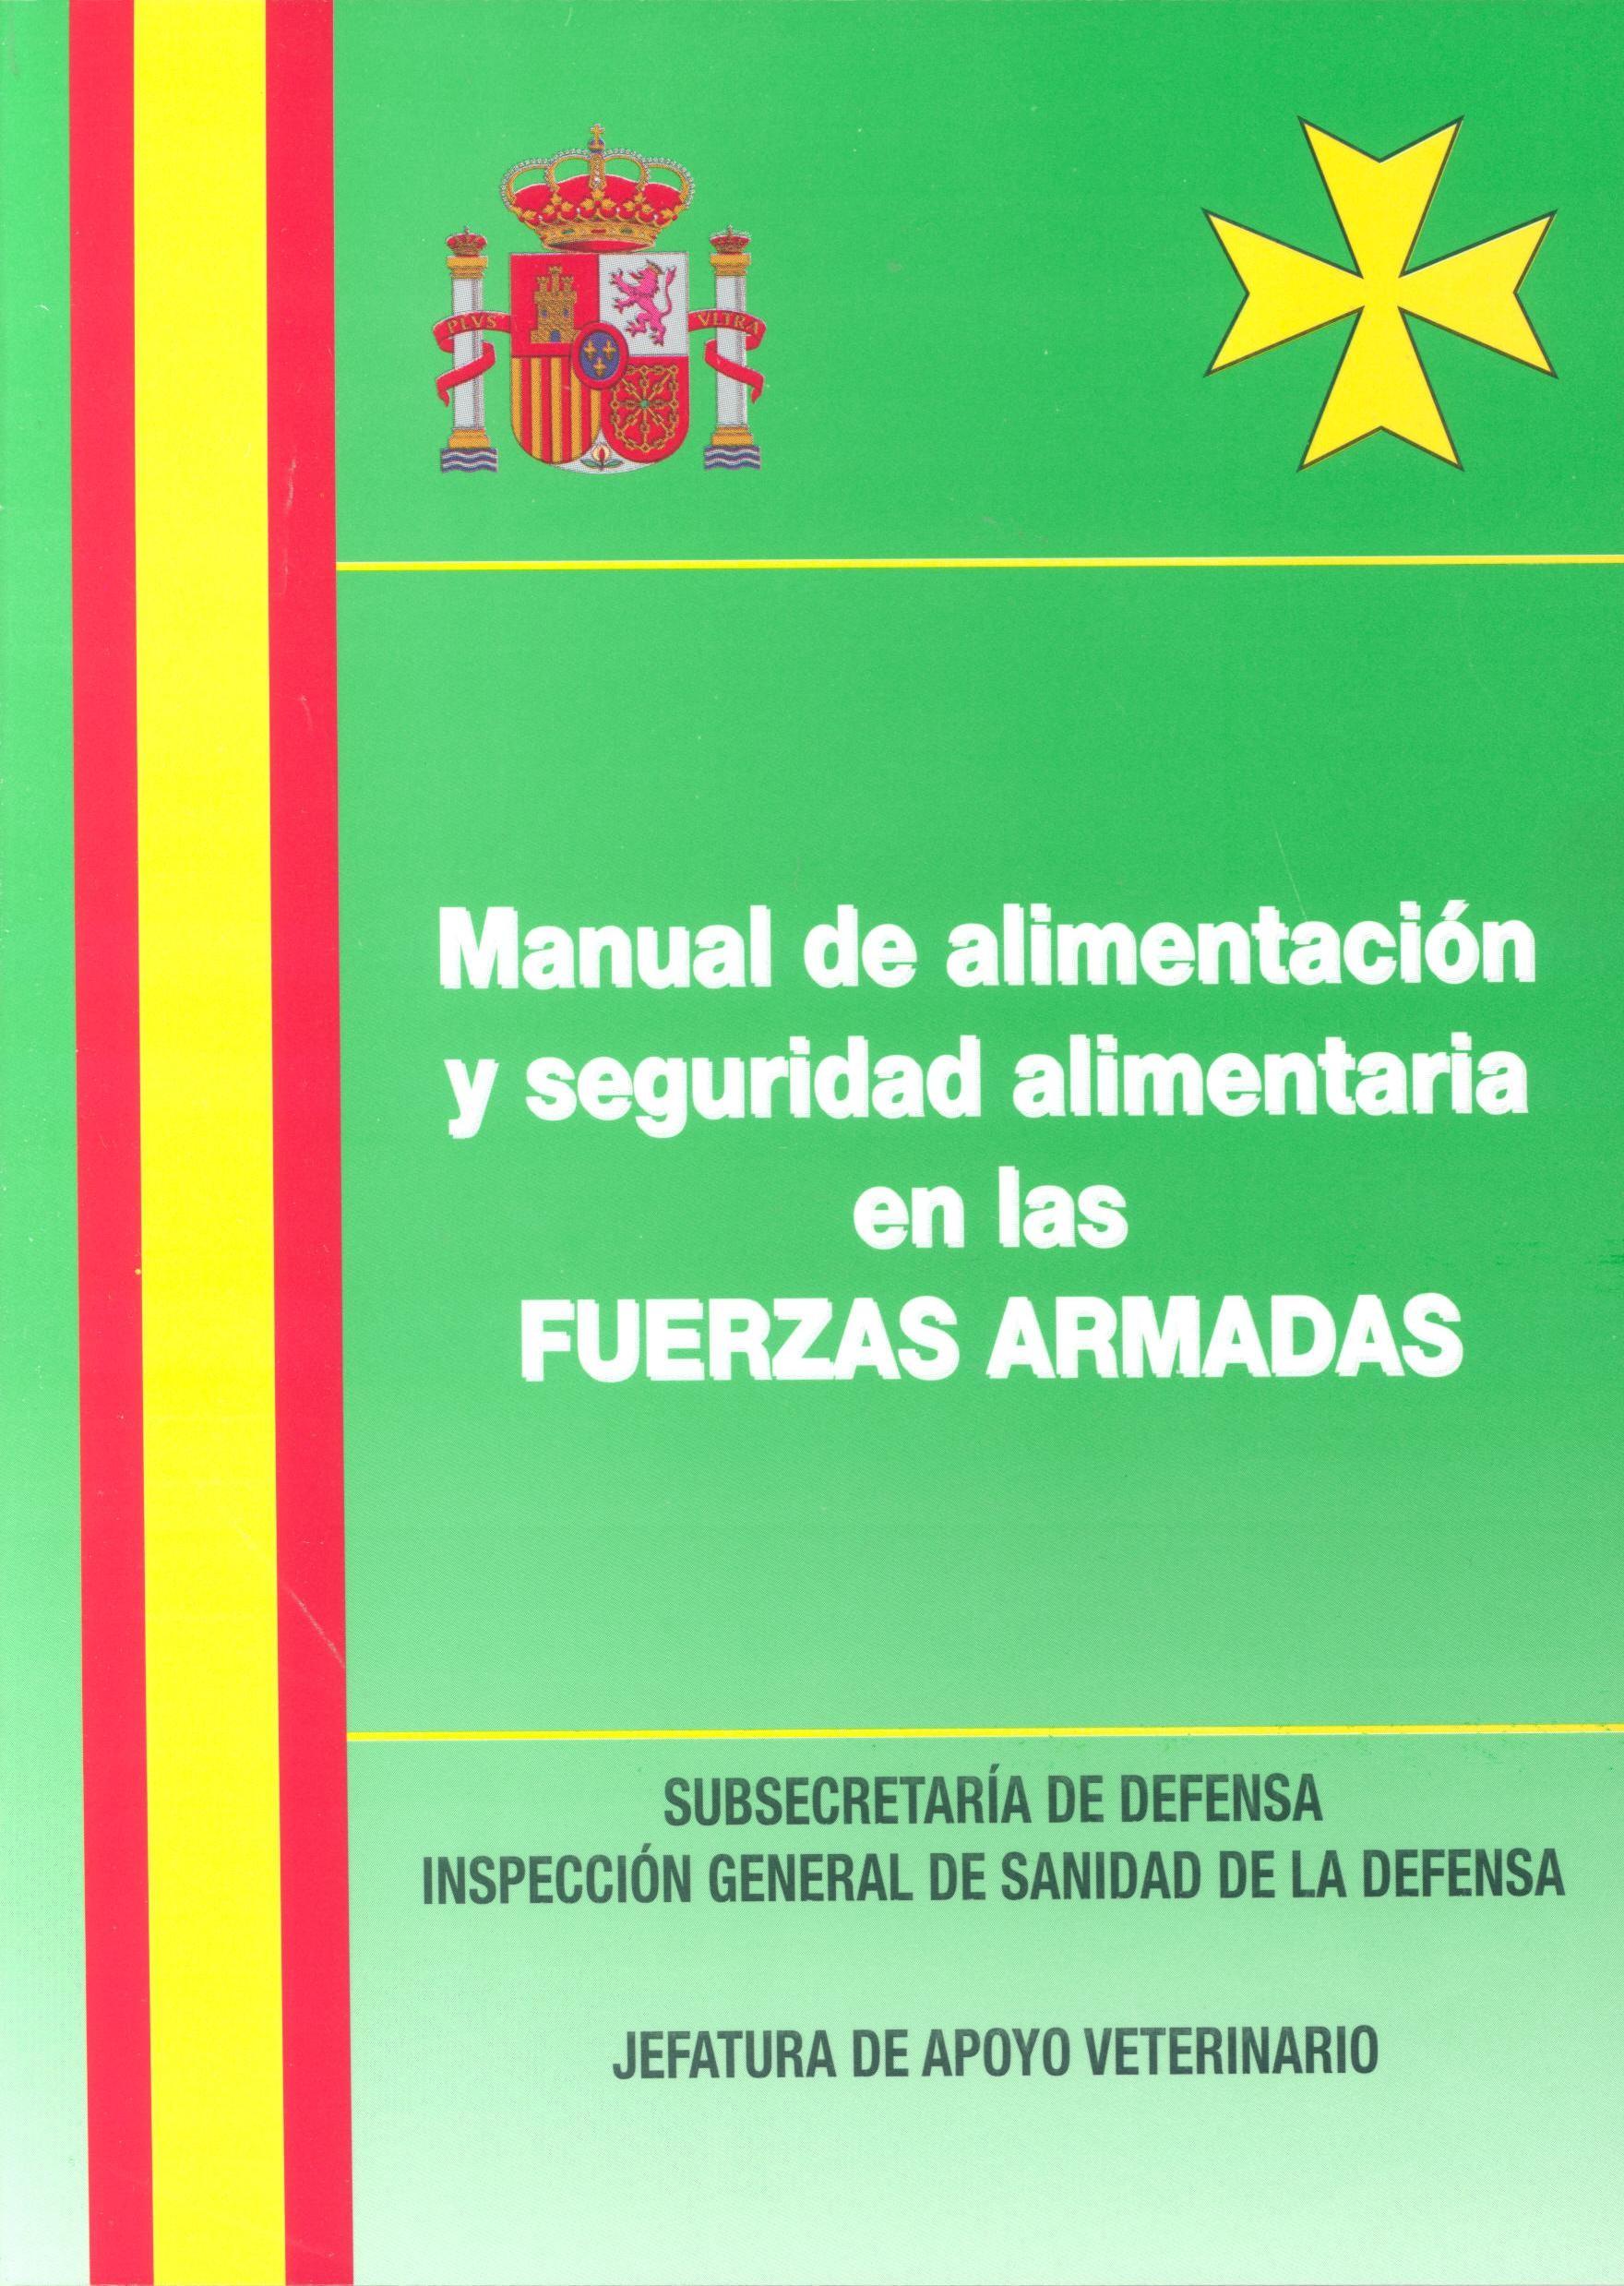 MANUAL DE ALIMENTACIÓN Y SEGURIDAD ALIMENTARIA EN LAS FUERZAS ARMADAS